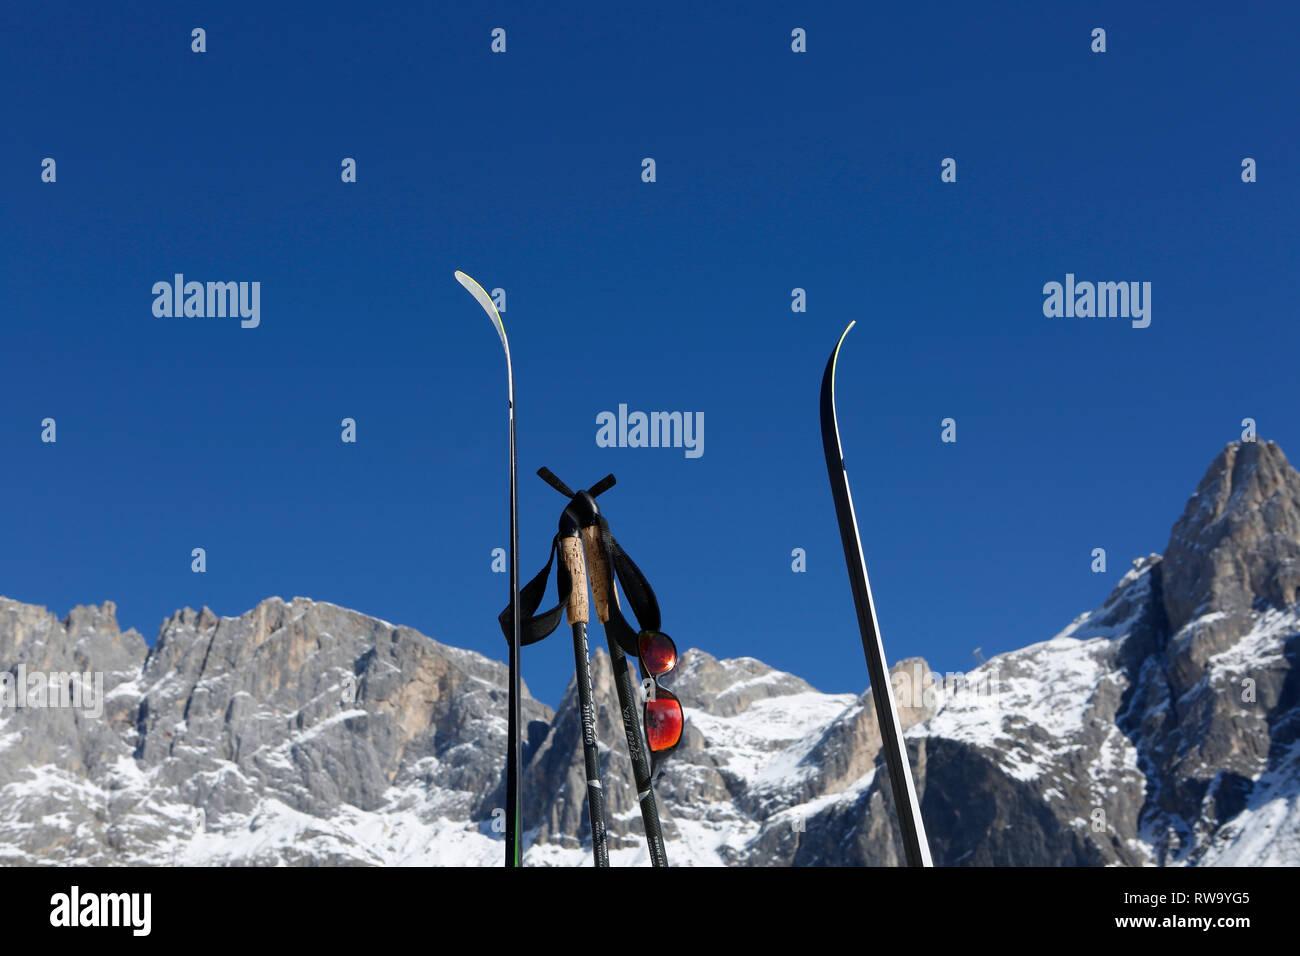 Symbolbilder,Langlauf, Skating,San Martino di Castrozza,Trentino, Italien,Europa - Stock Image